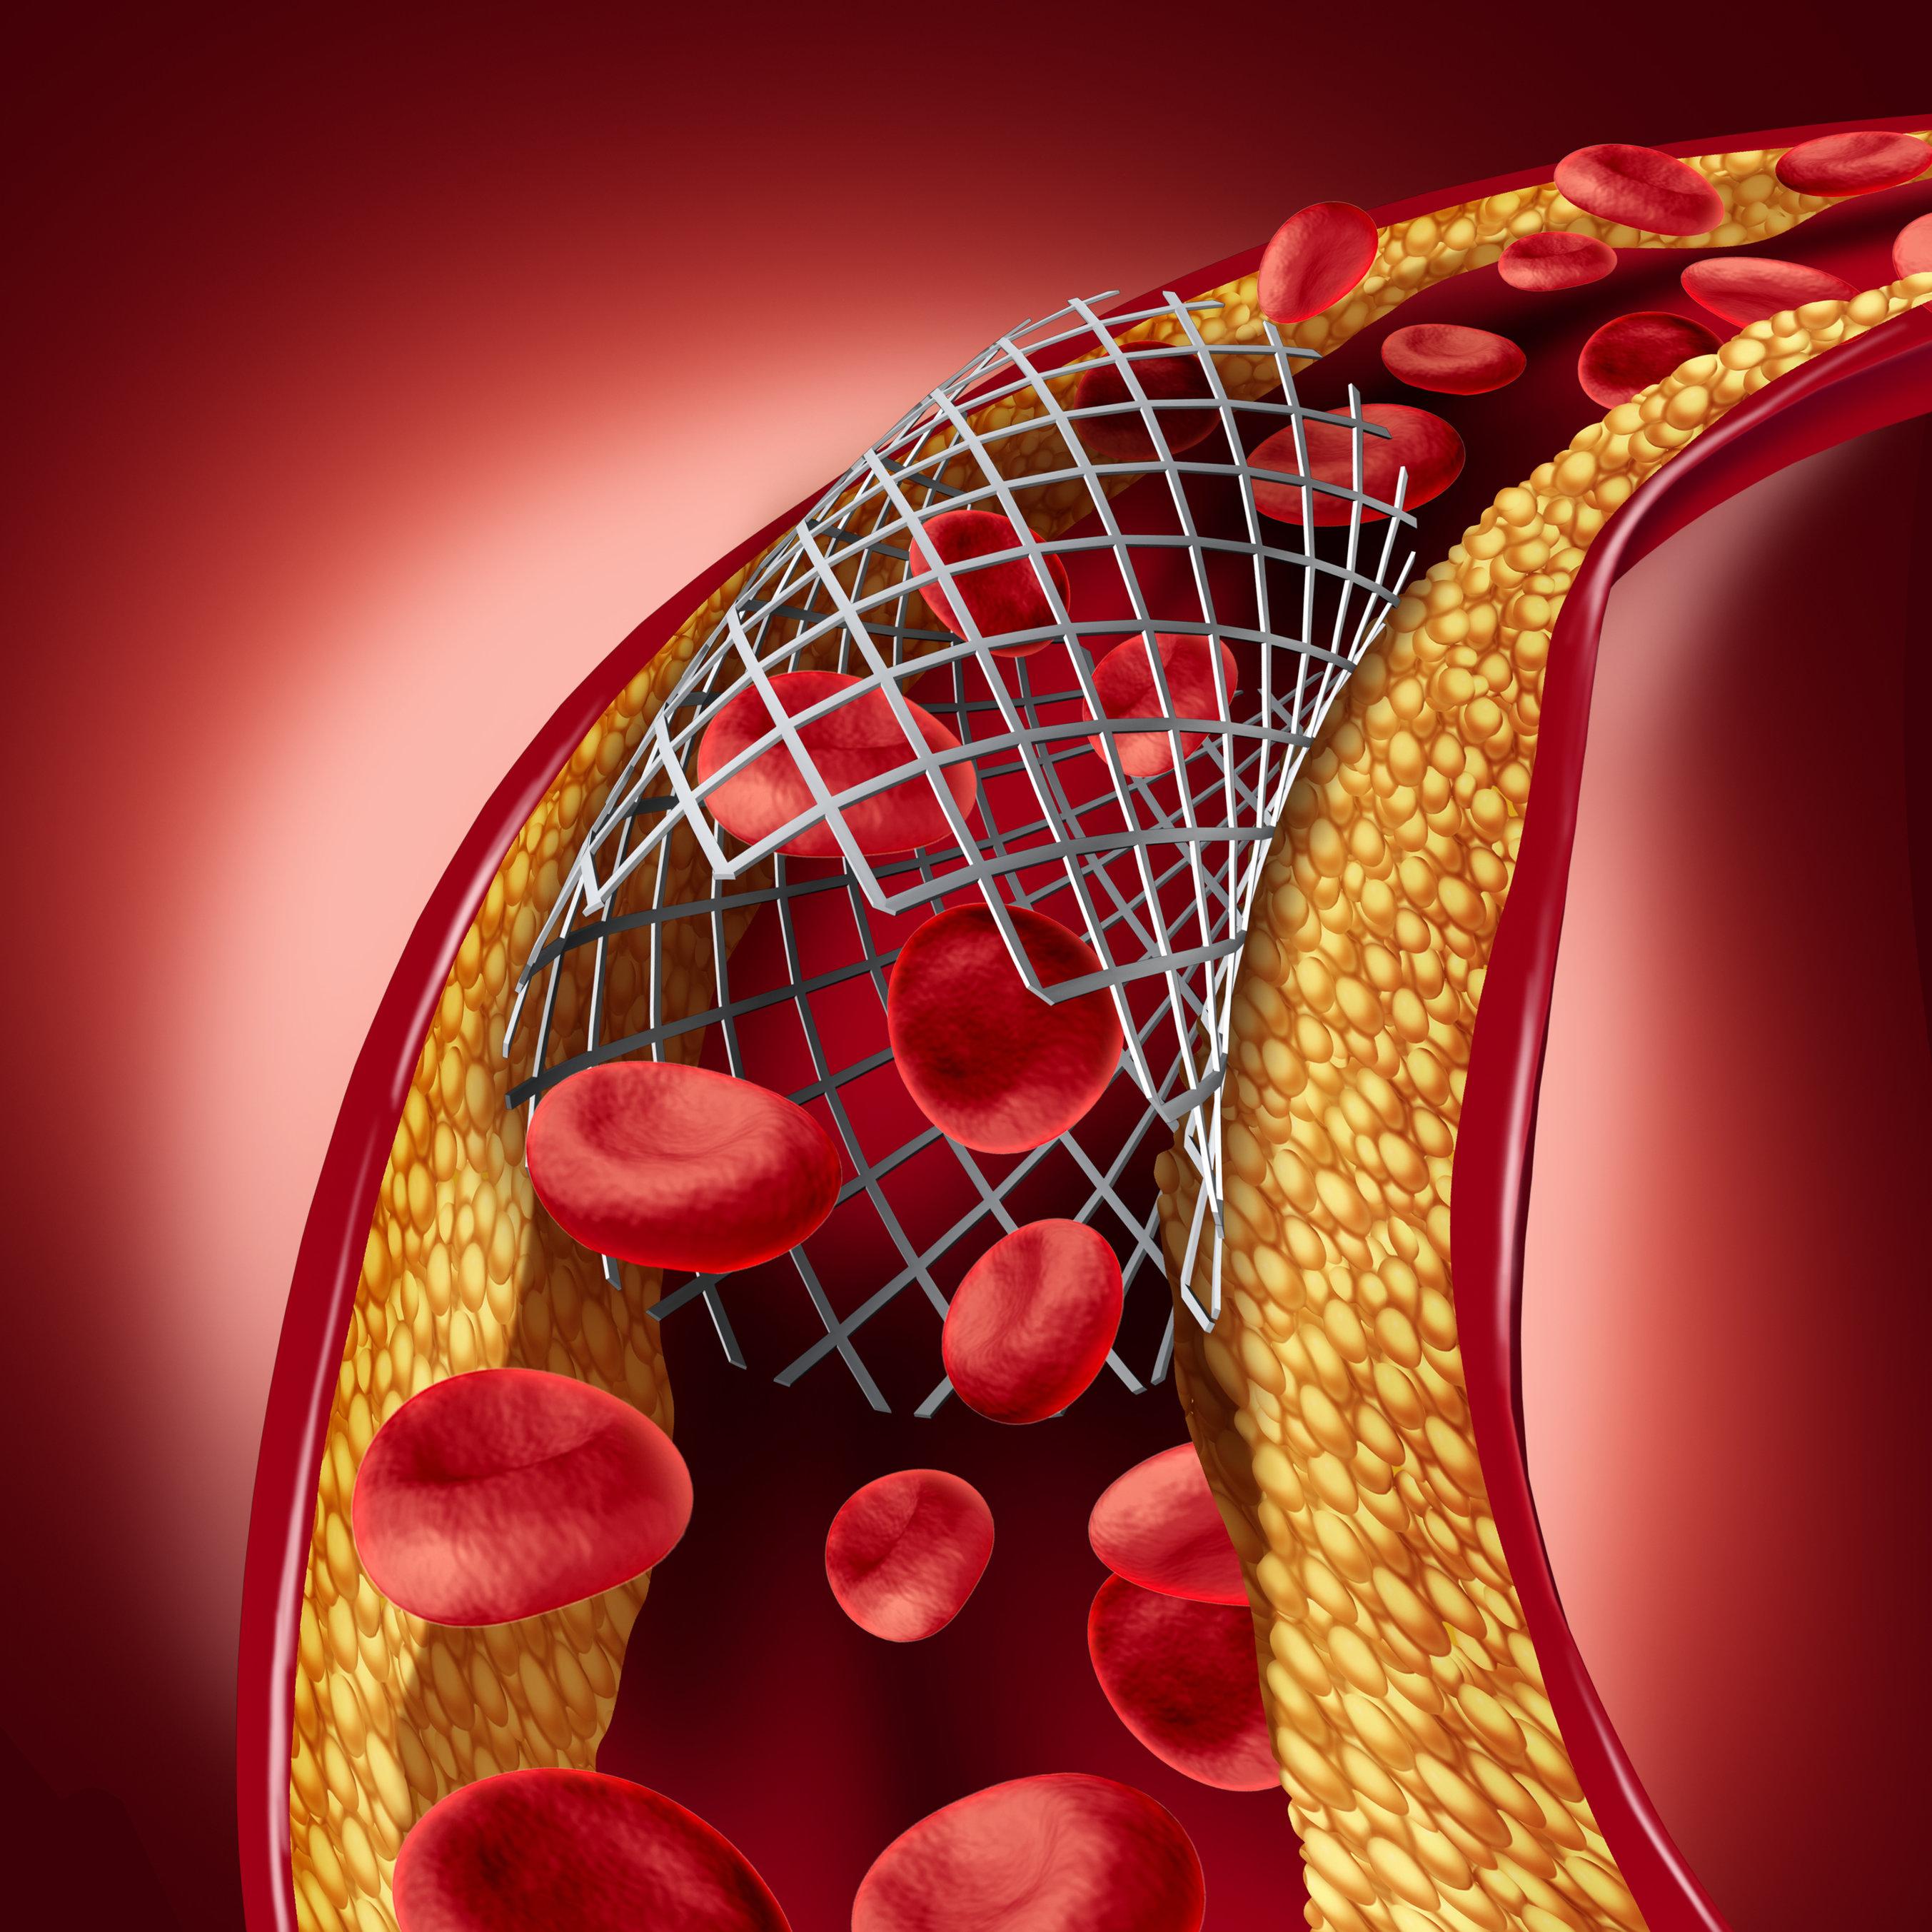 Как альфа-холестерин помогает бороться с заболеваниями сердца и сосудов